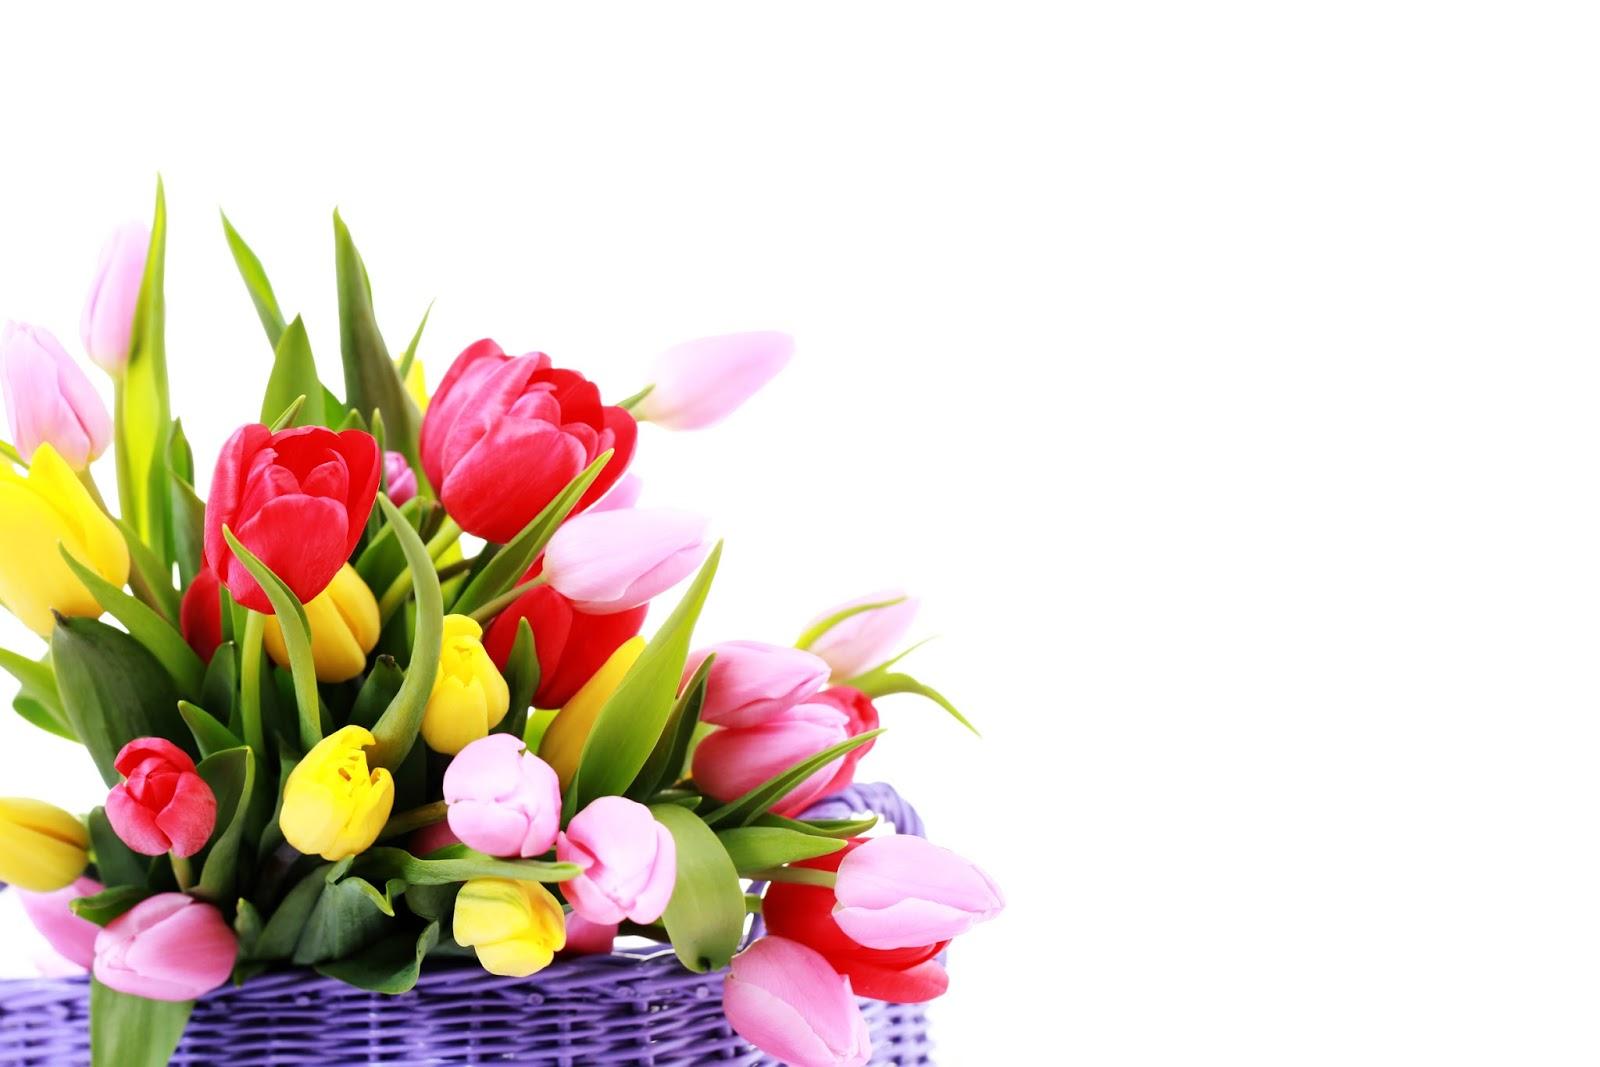 Banco de im genes gratis 20 fotos gratis de rosas - Fotos de rosas de colores ...